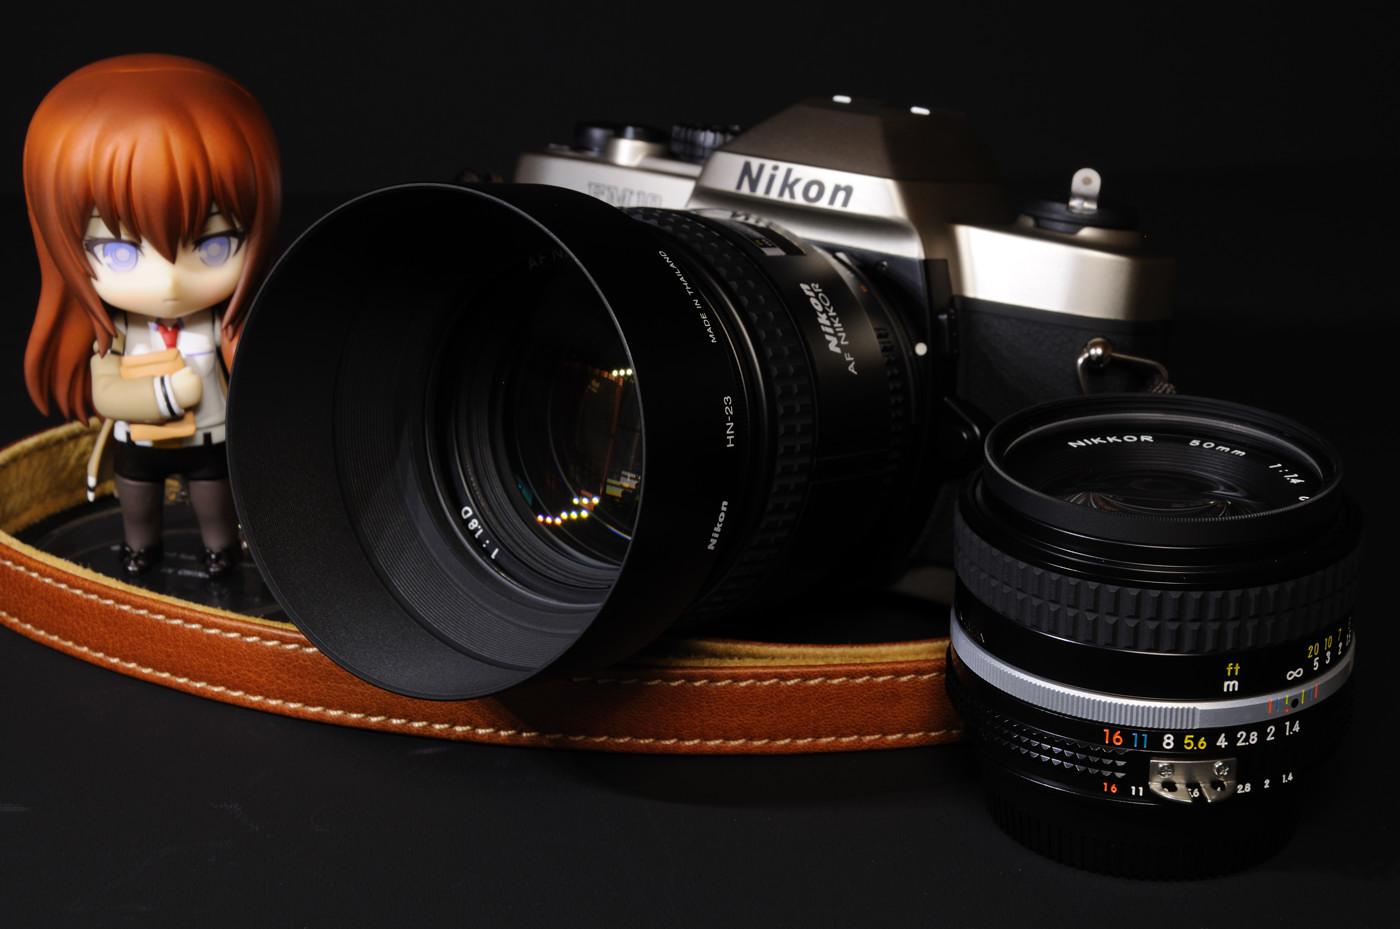 Ai AF Nikkor 85mm F1.8DとAi Nikkor 50mm F1.4Sと牧瀬紅莉栖でゲソ